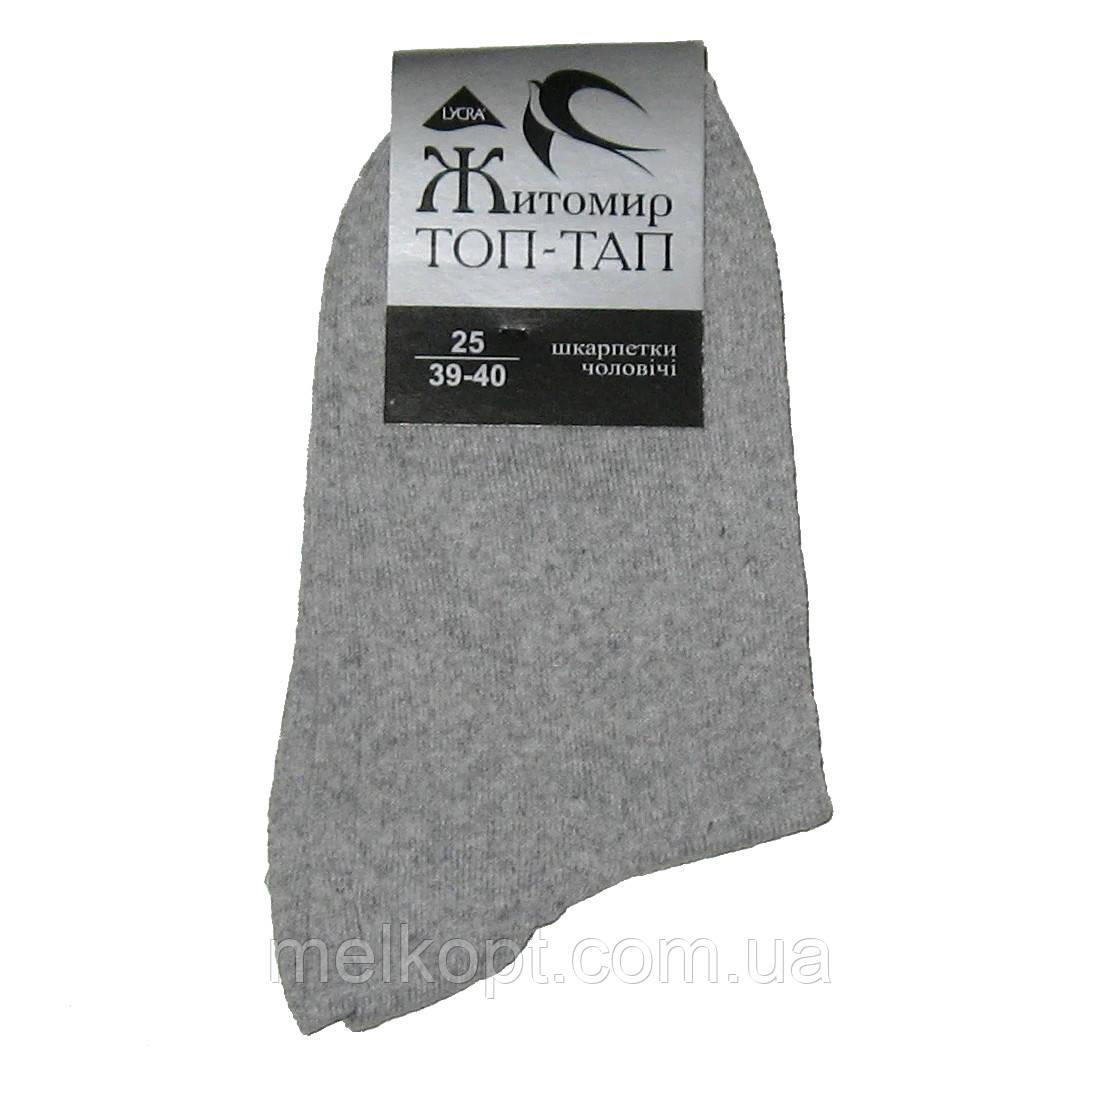 Мужские носки ТОП-ТАП - 8,30 грн./пара (стрейч, светло-серые)